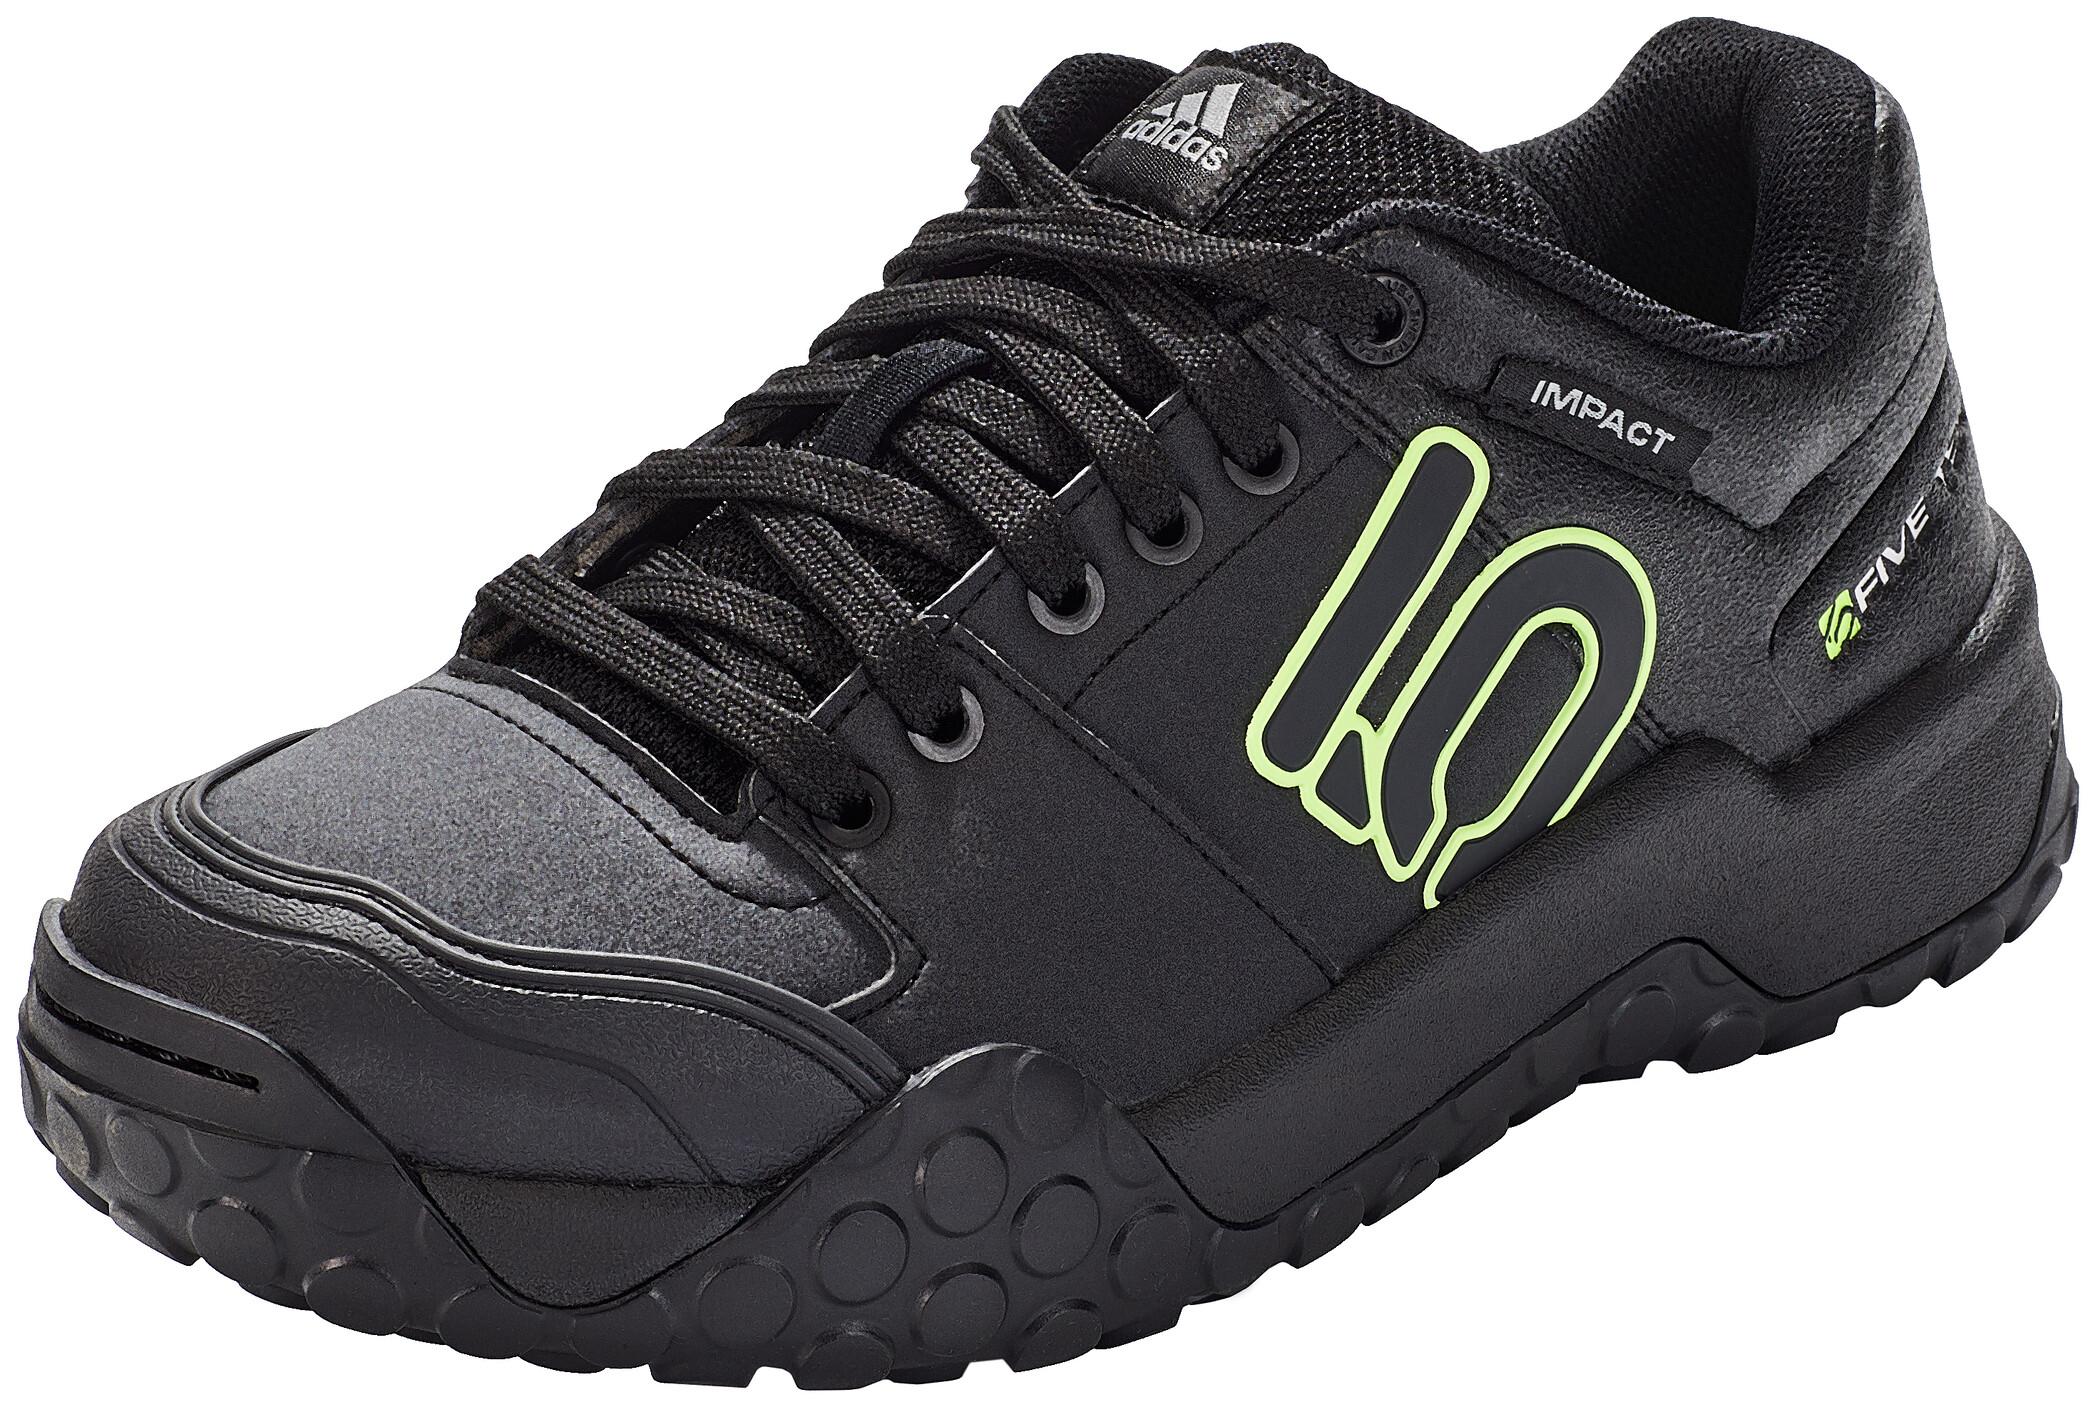 adidas Five Ten Impact Sam Hill Chaussures VTT Homme, noir/vert